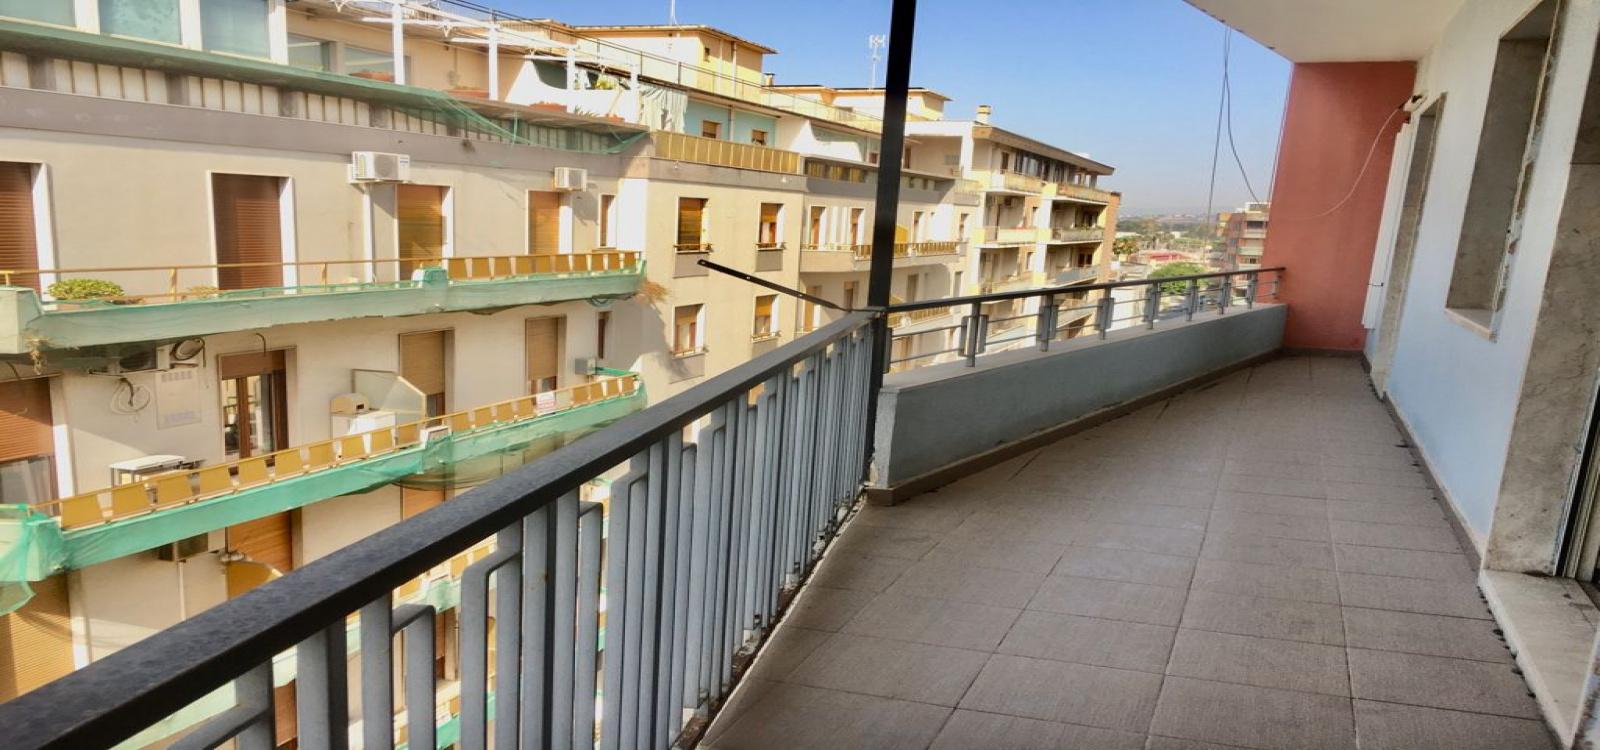 CORSO GELONE,SIRACUSA,Appartamento,CORSO GELONE,2434